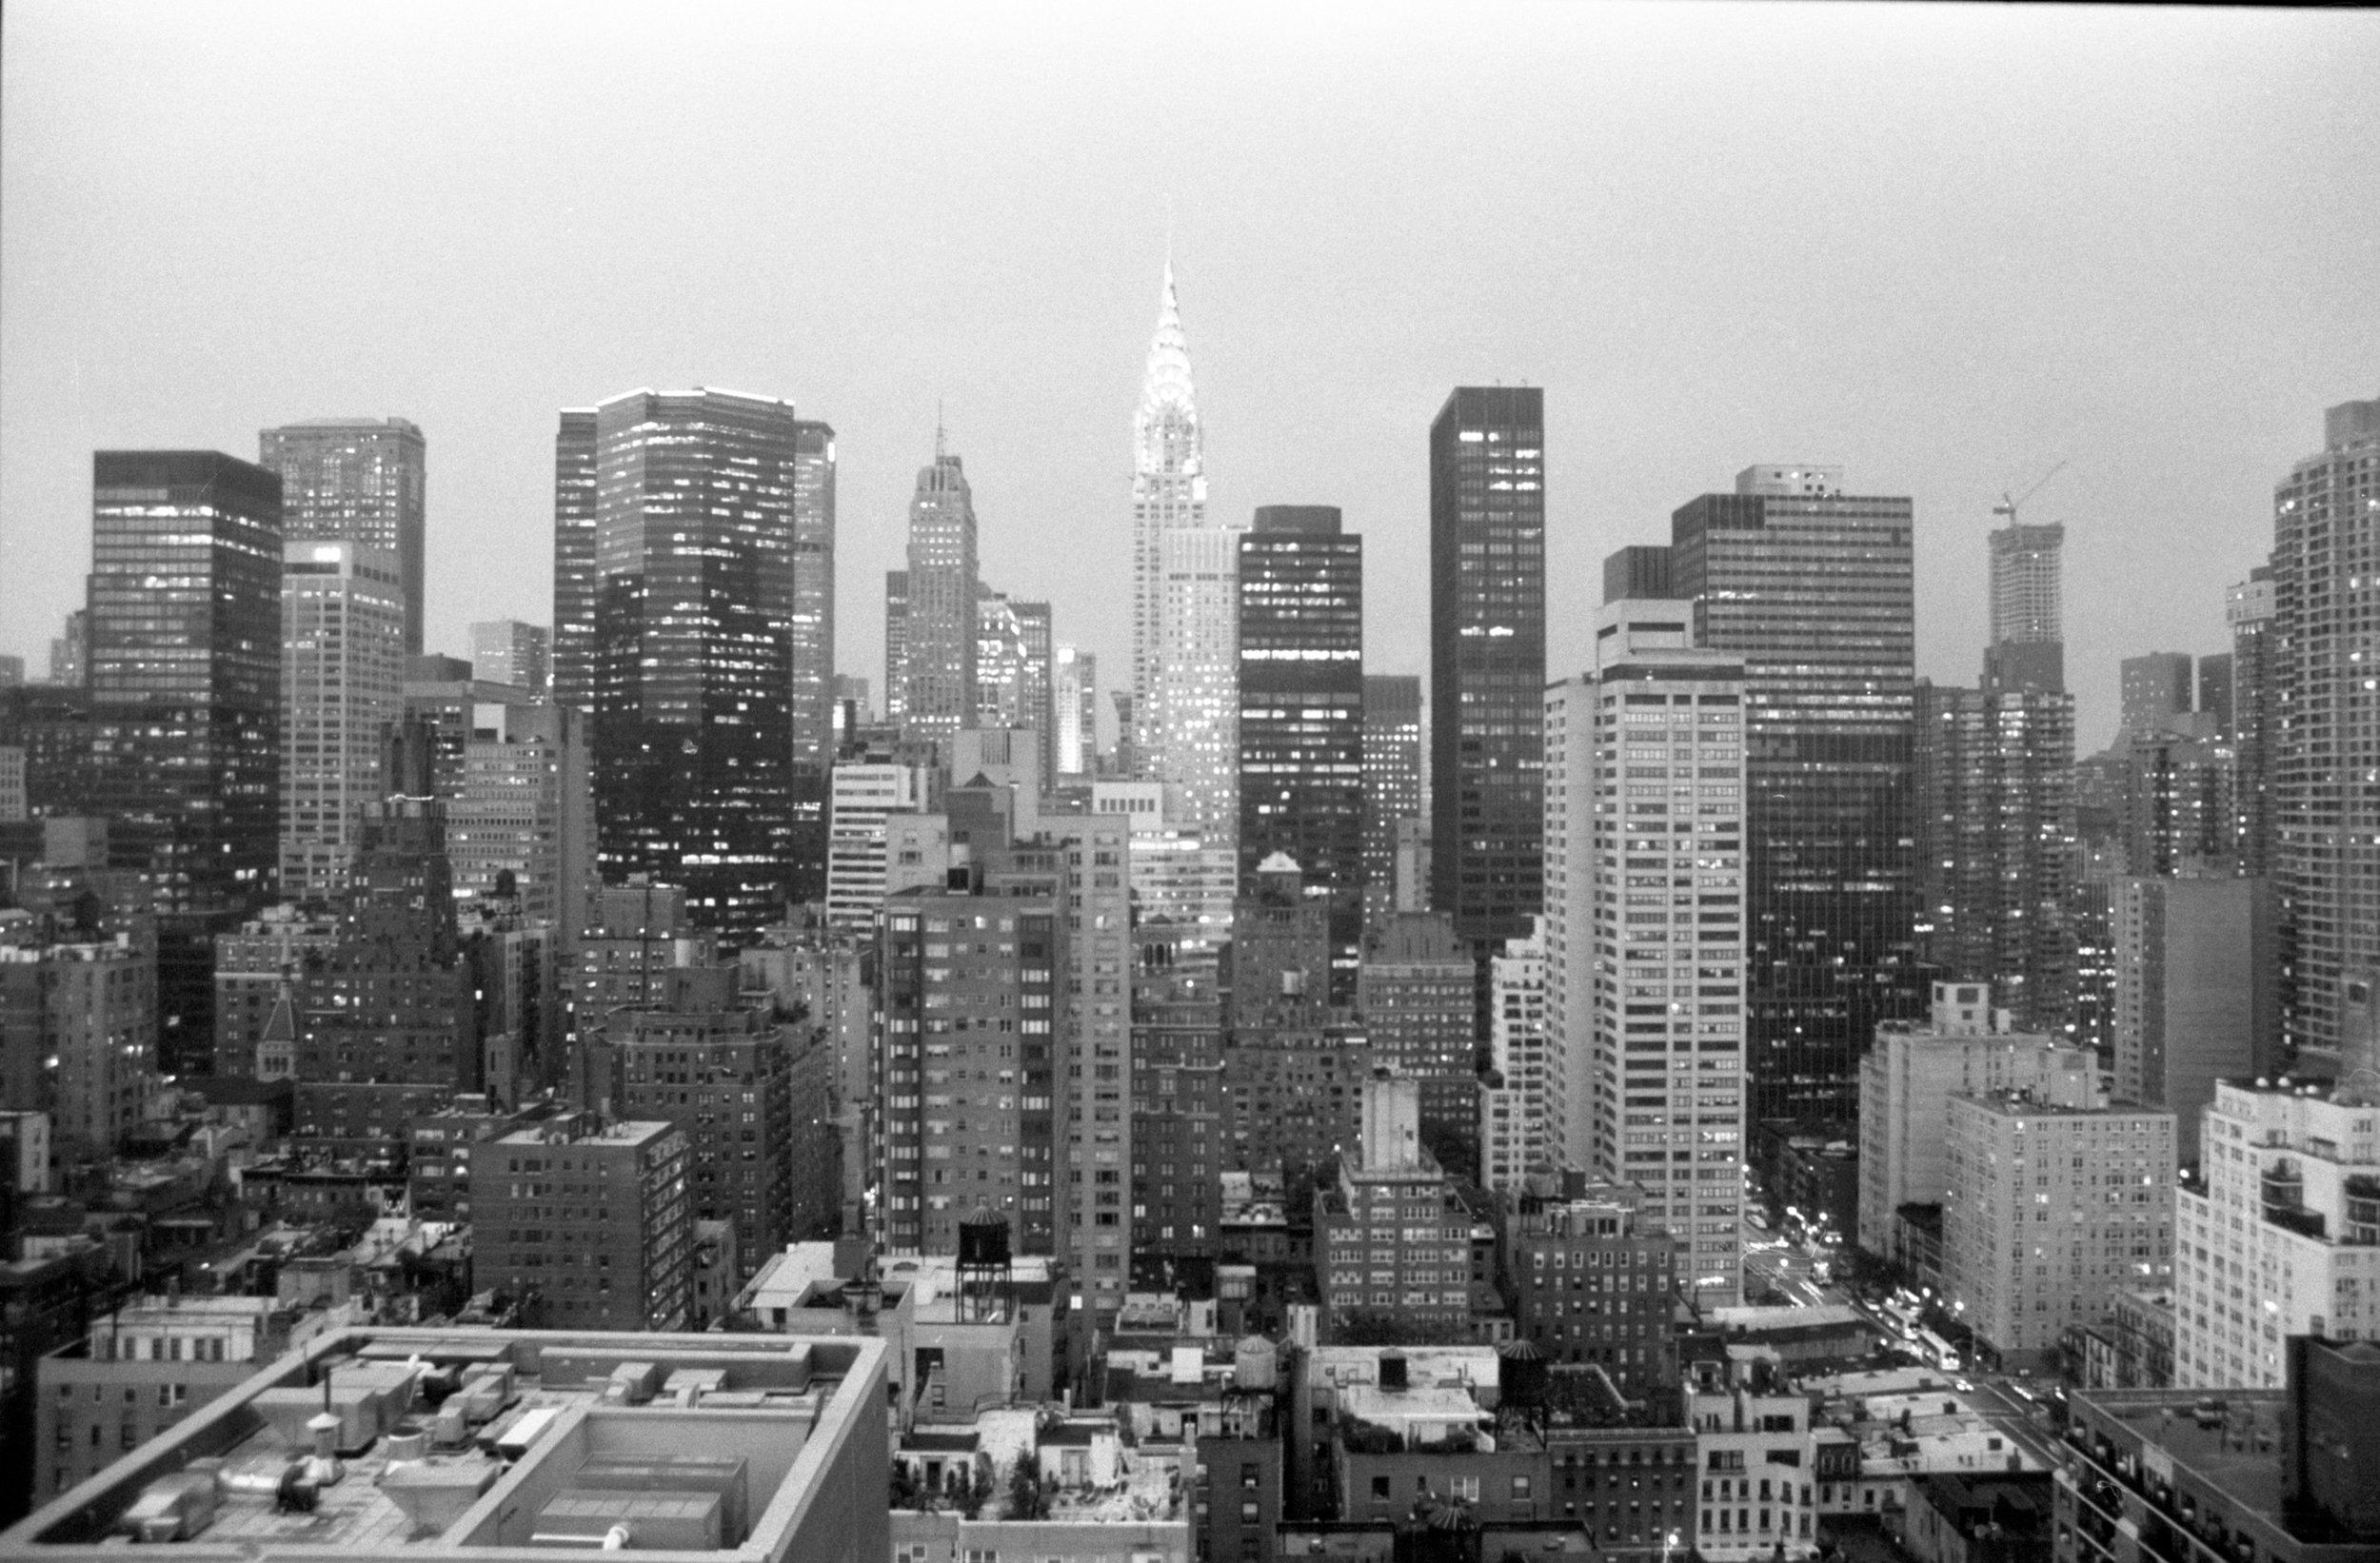 Midtown | 34th Street, New York NY